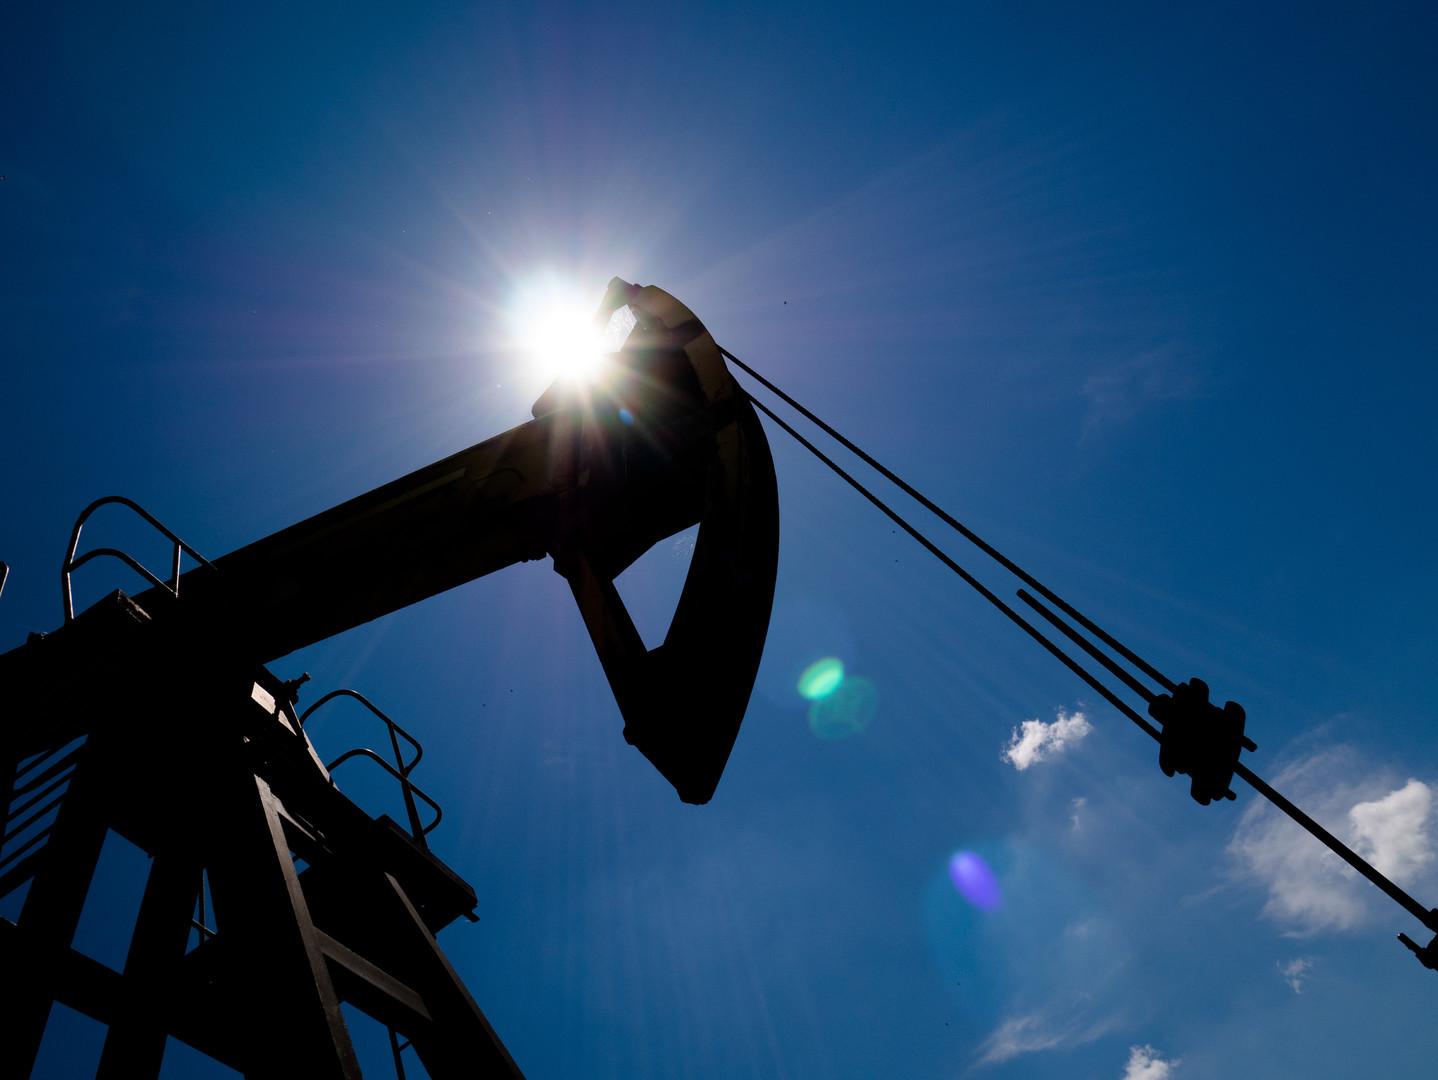 Минэнерго РФ ожидает окончания периода низких цен на нефть в 2017 году